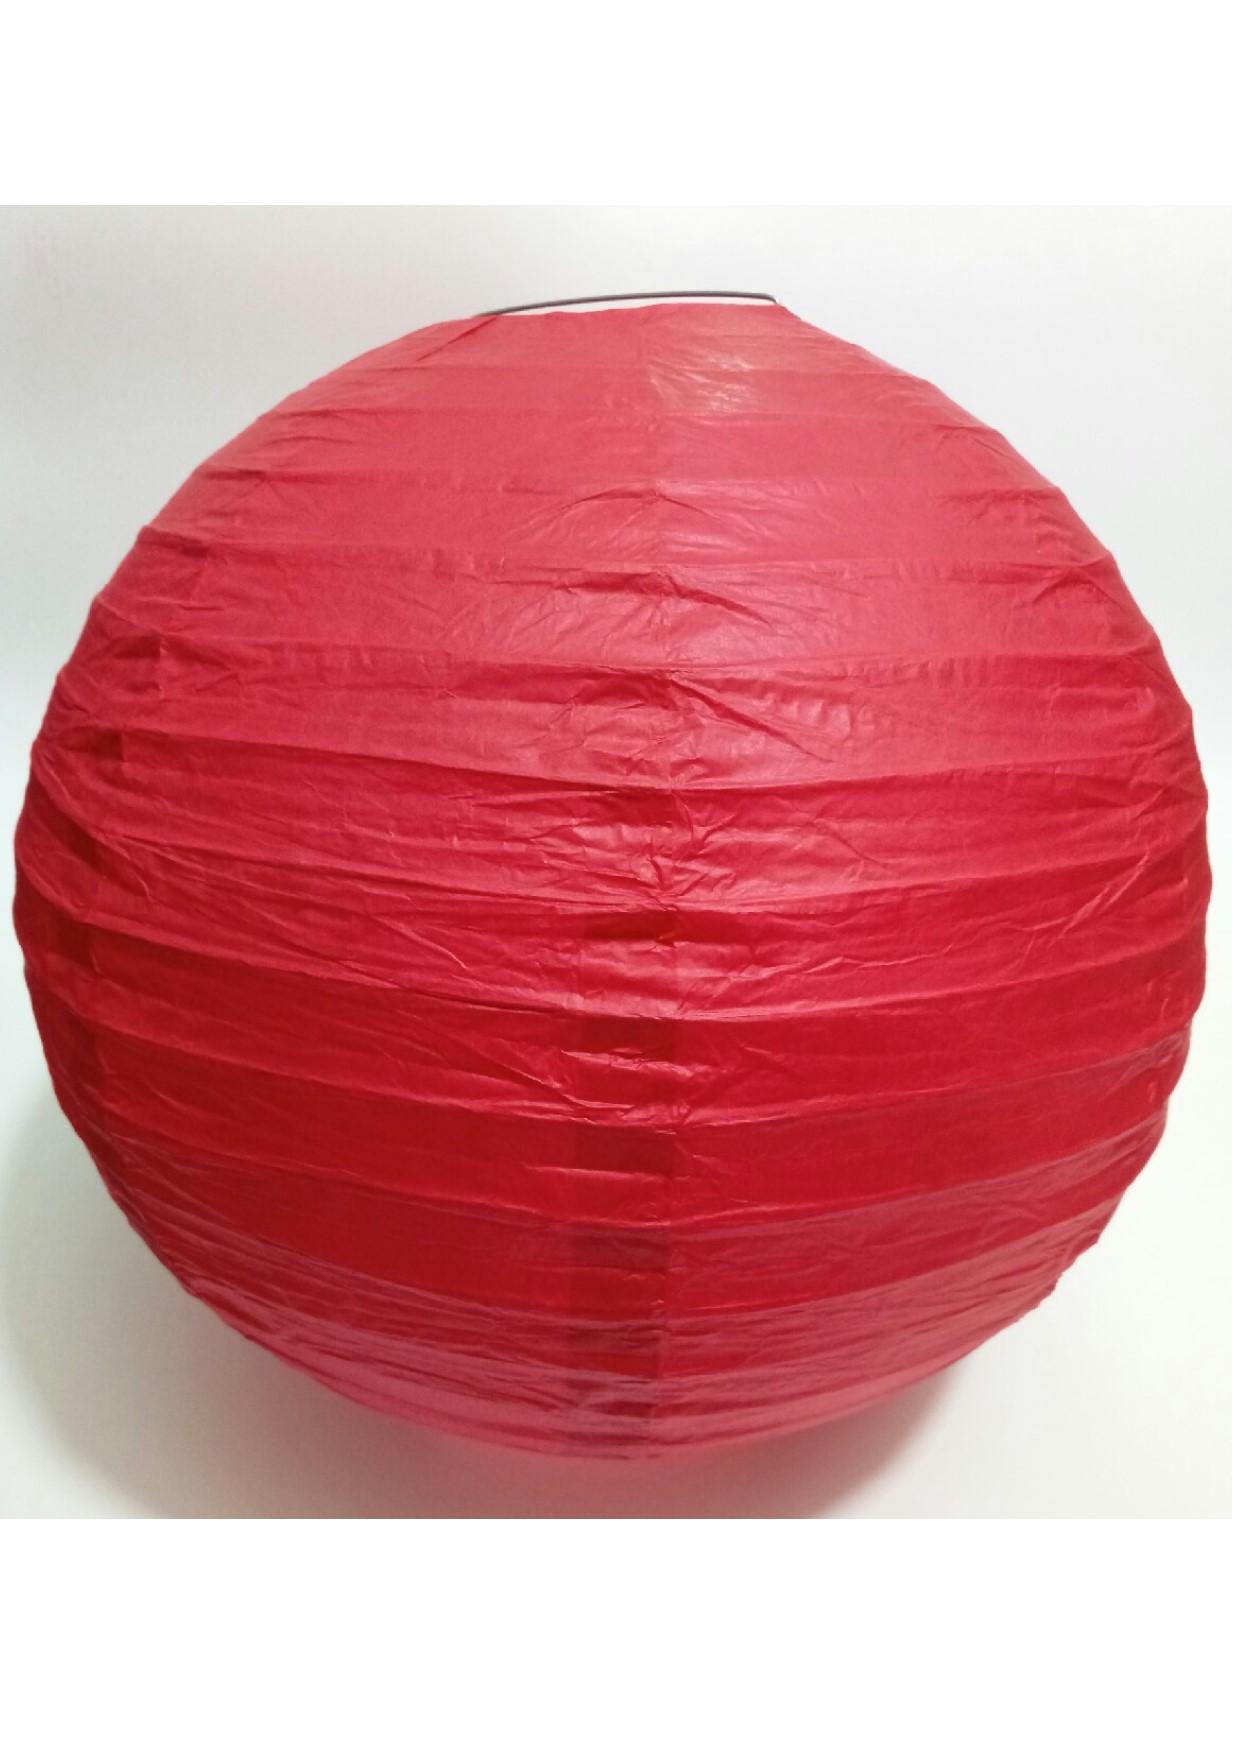 אהיל אדום 35 ס